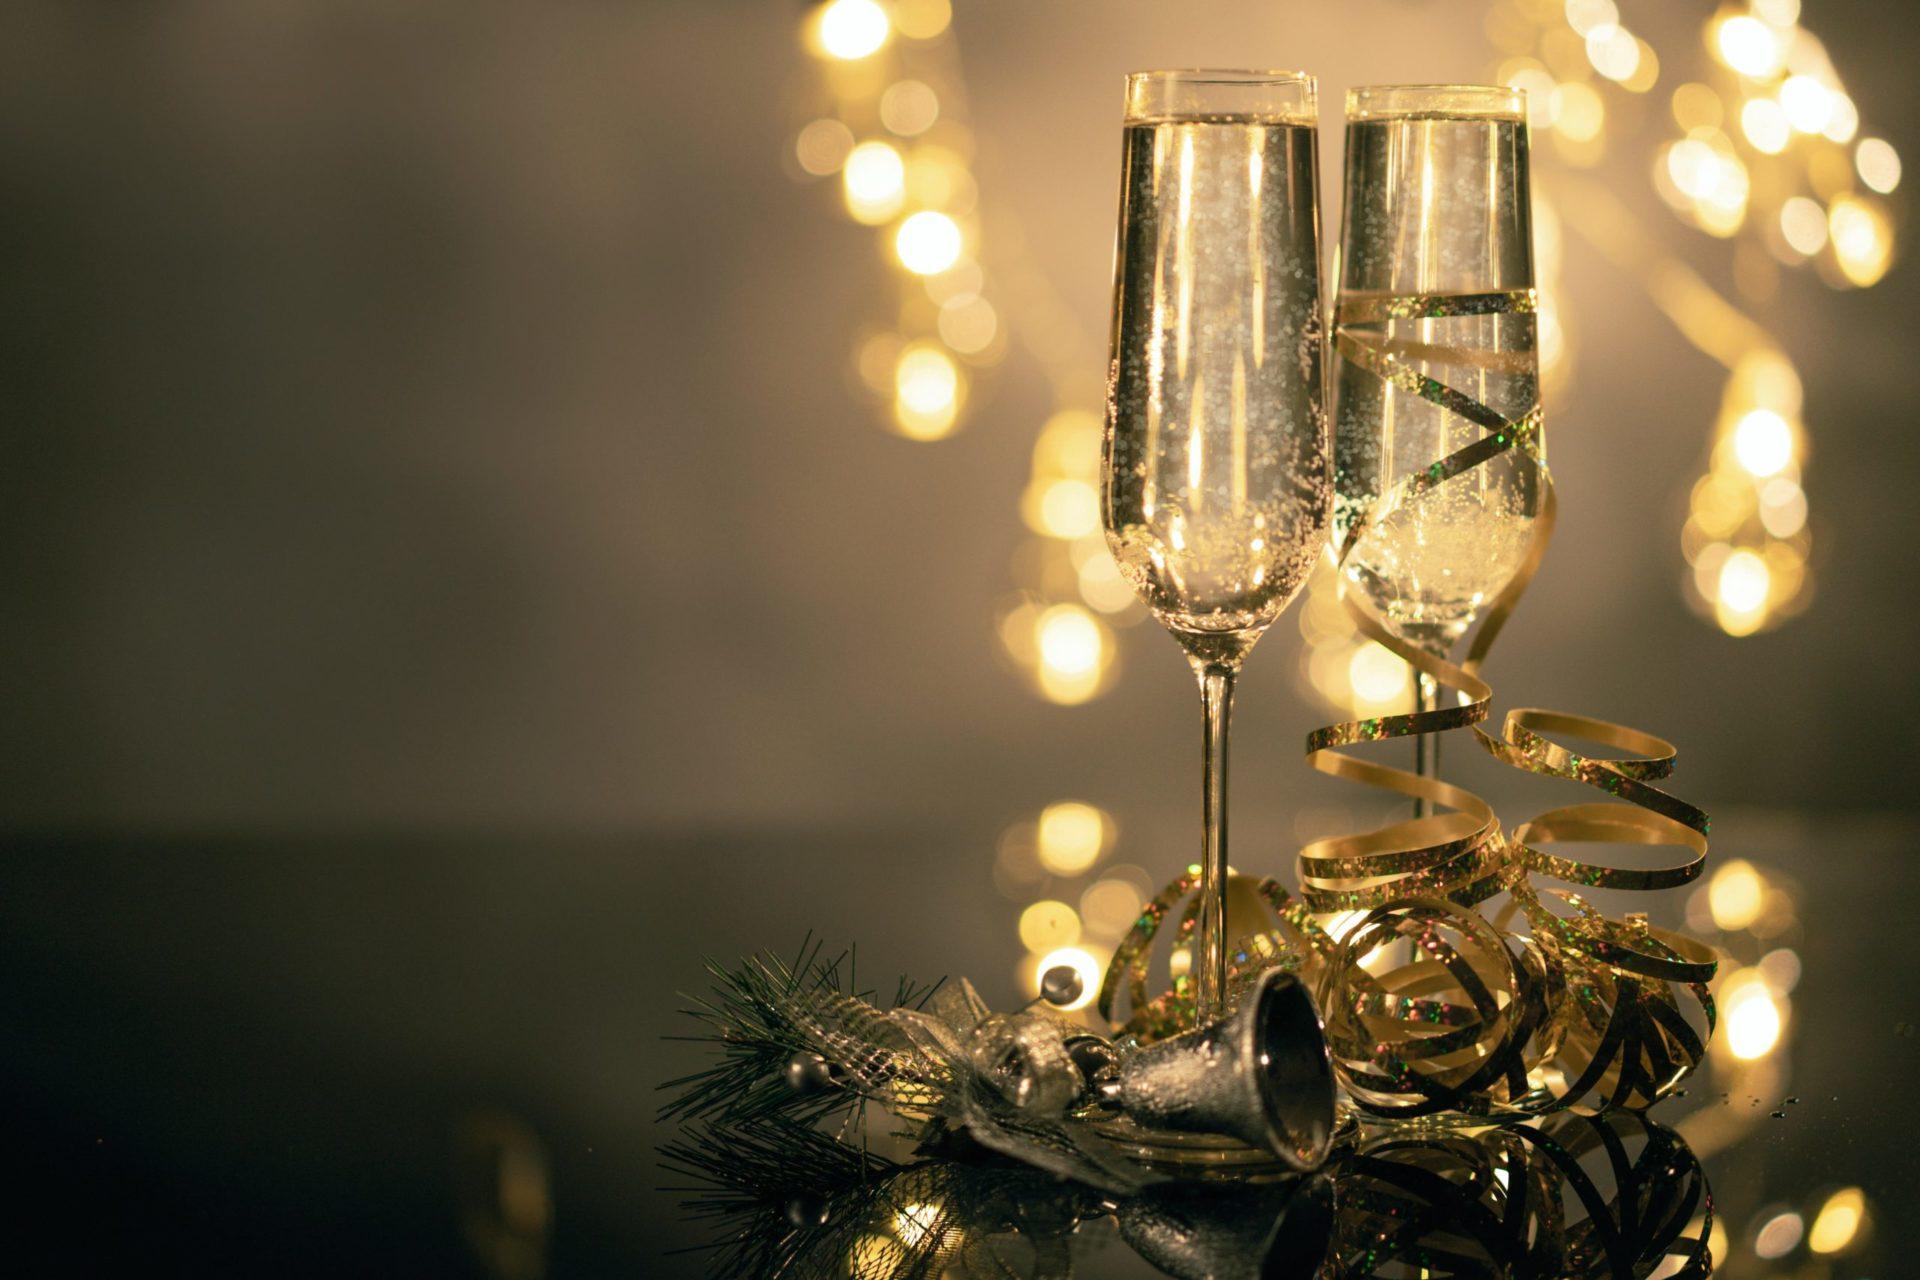 クリスマスにおすすめのスパークリングワイン3選!